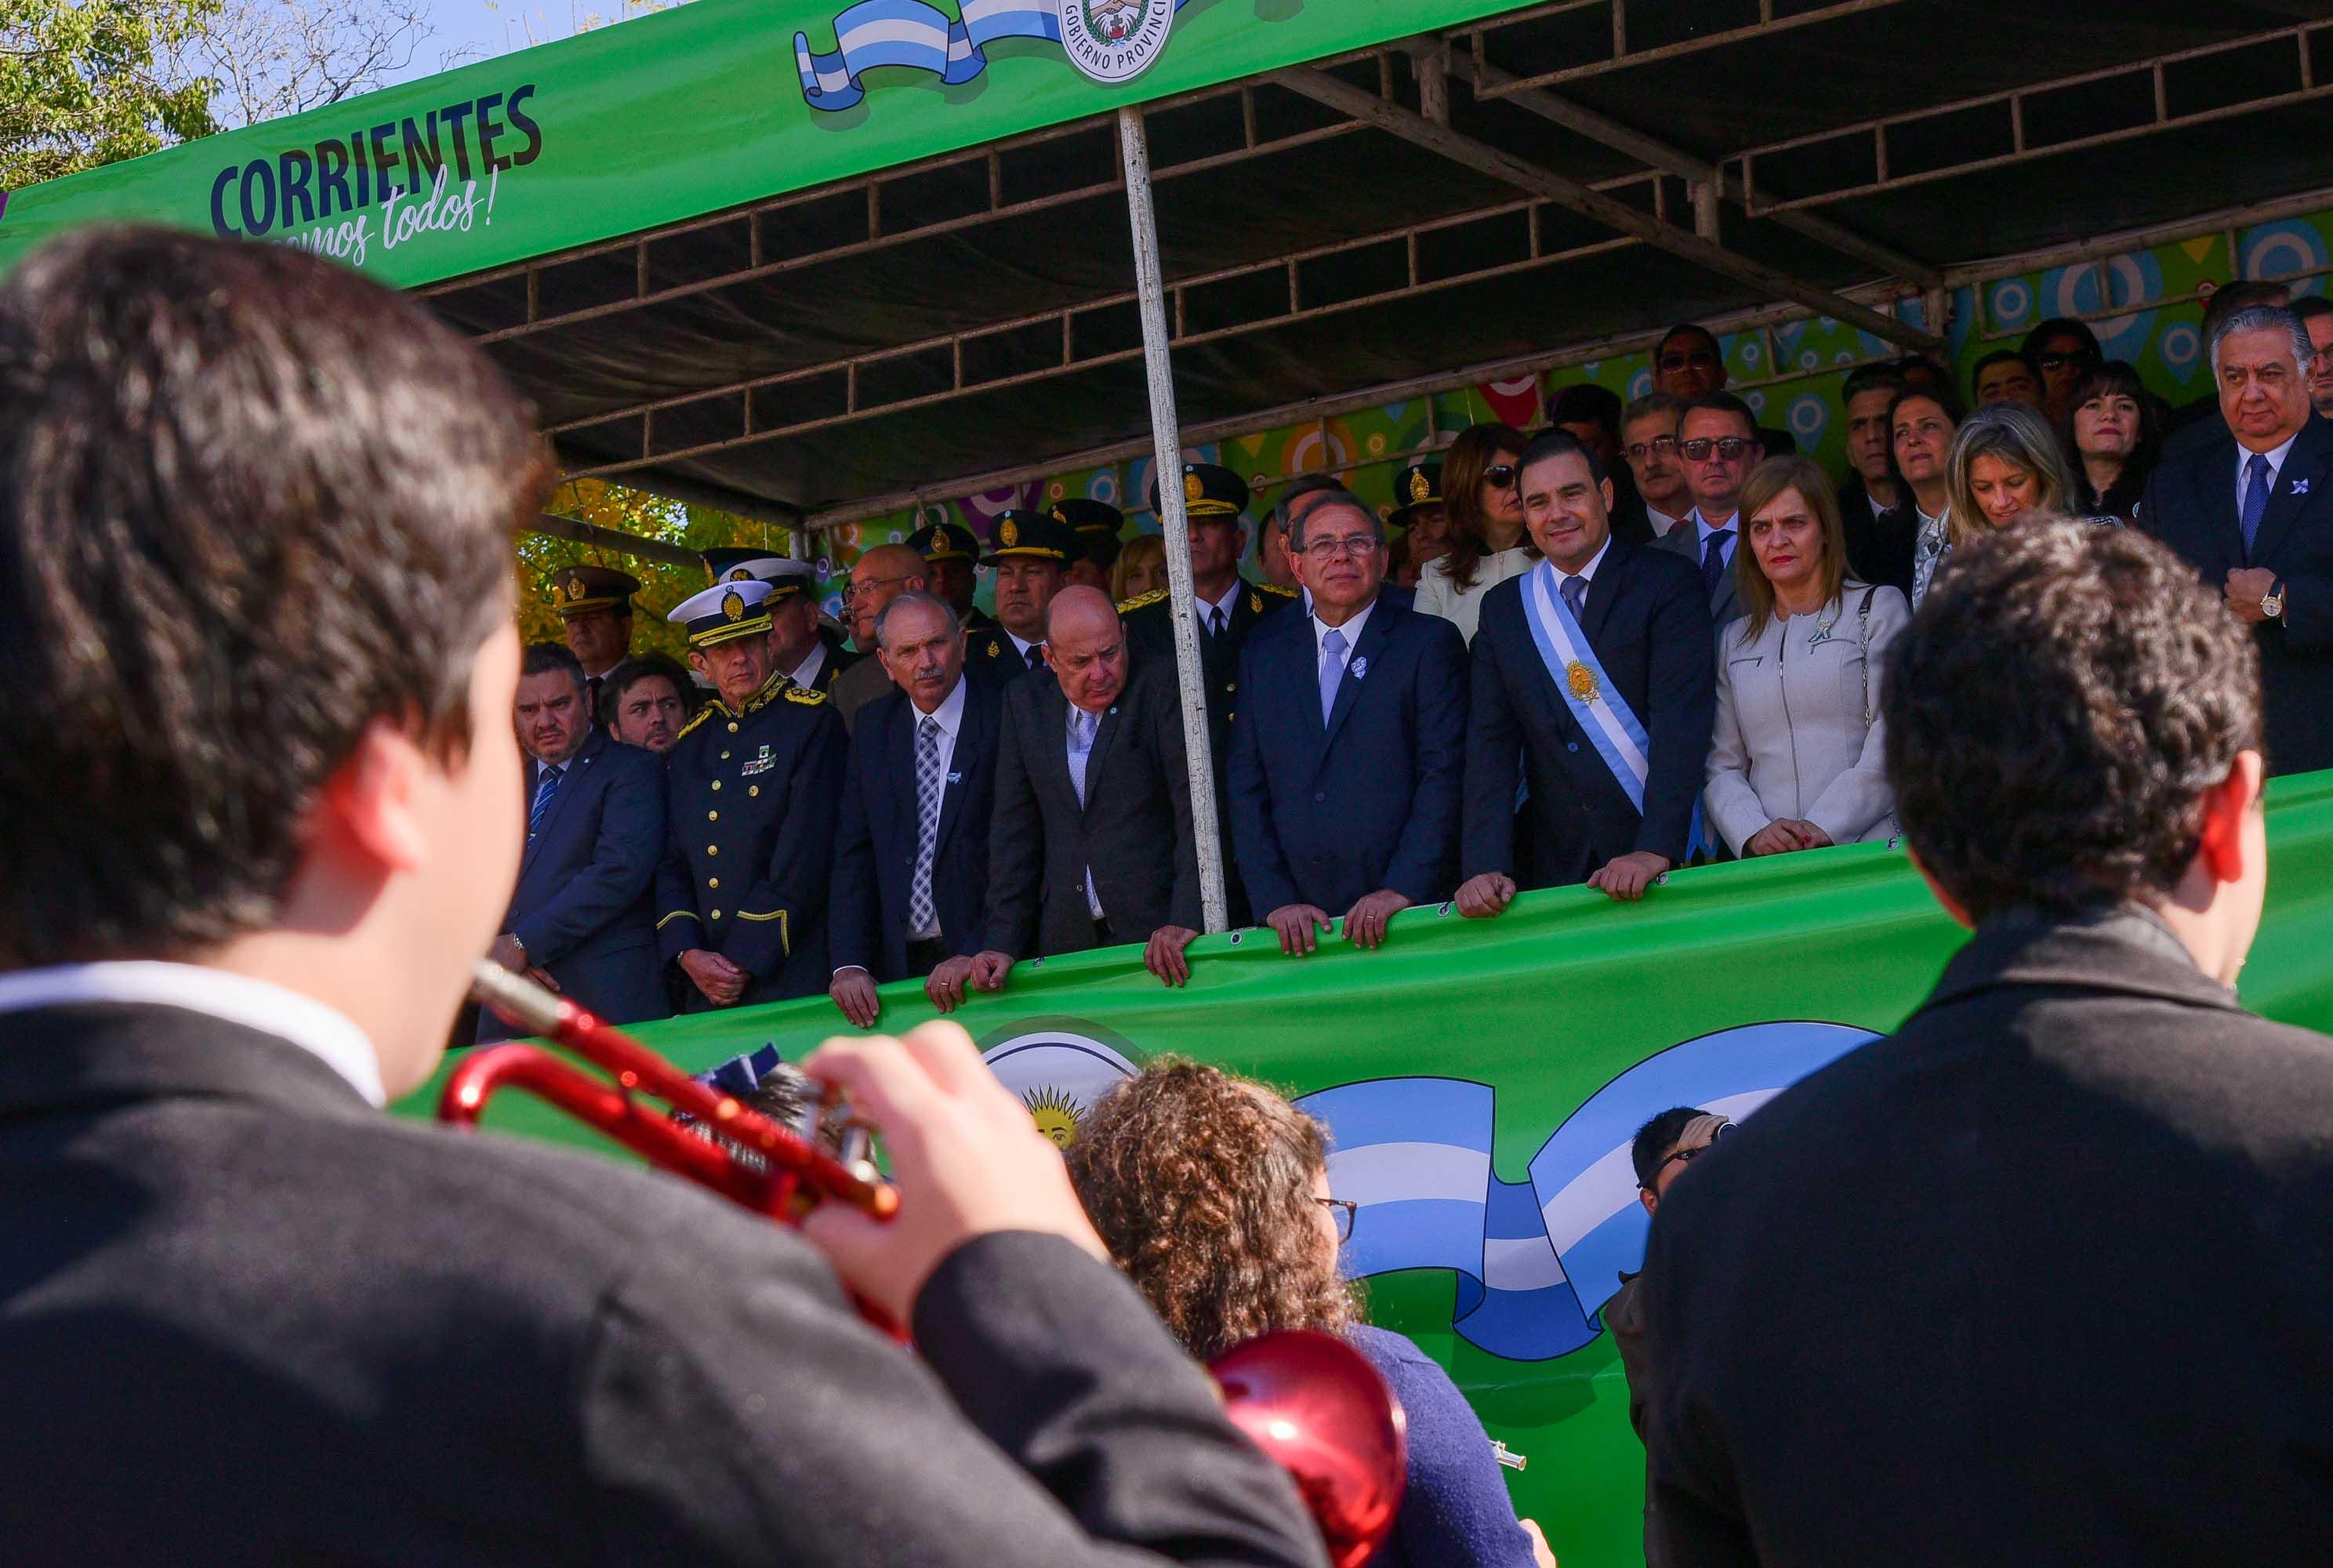 El desfile cívico militar  marcó el punto culminante  hoy del 208° aniversario de la Revolución de Mayo